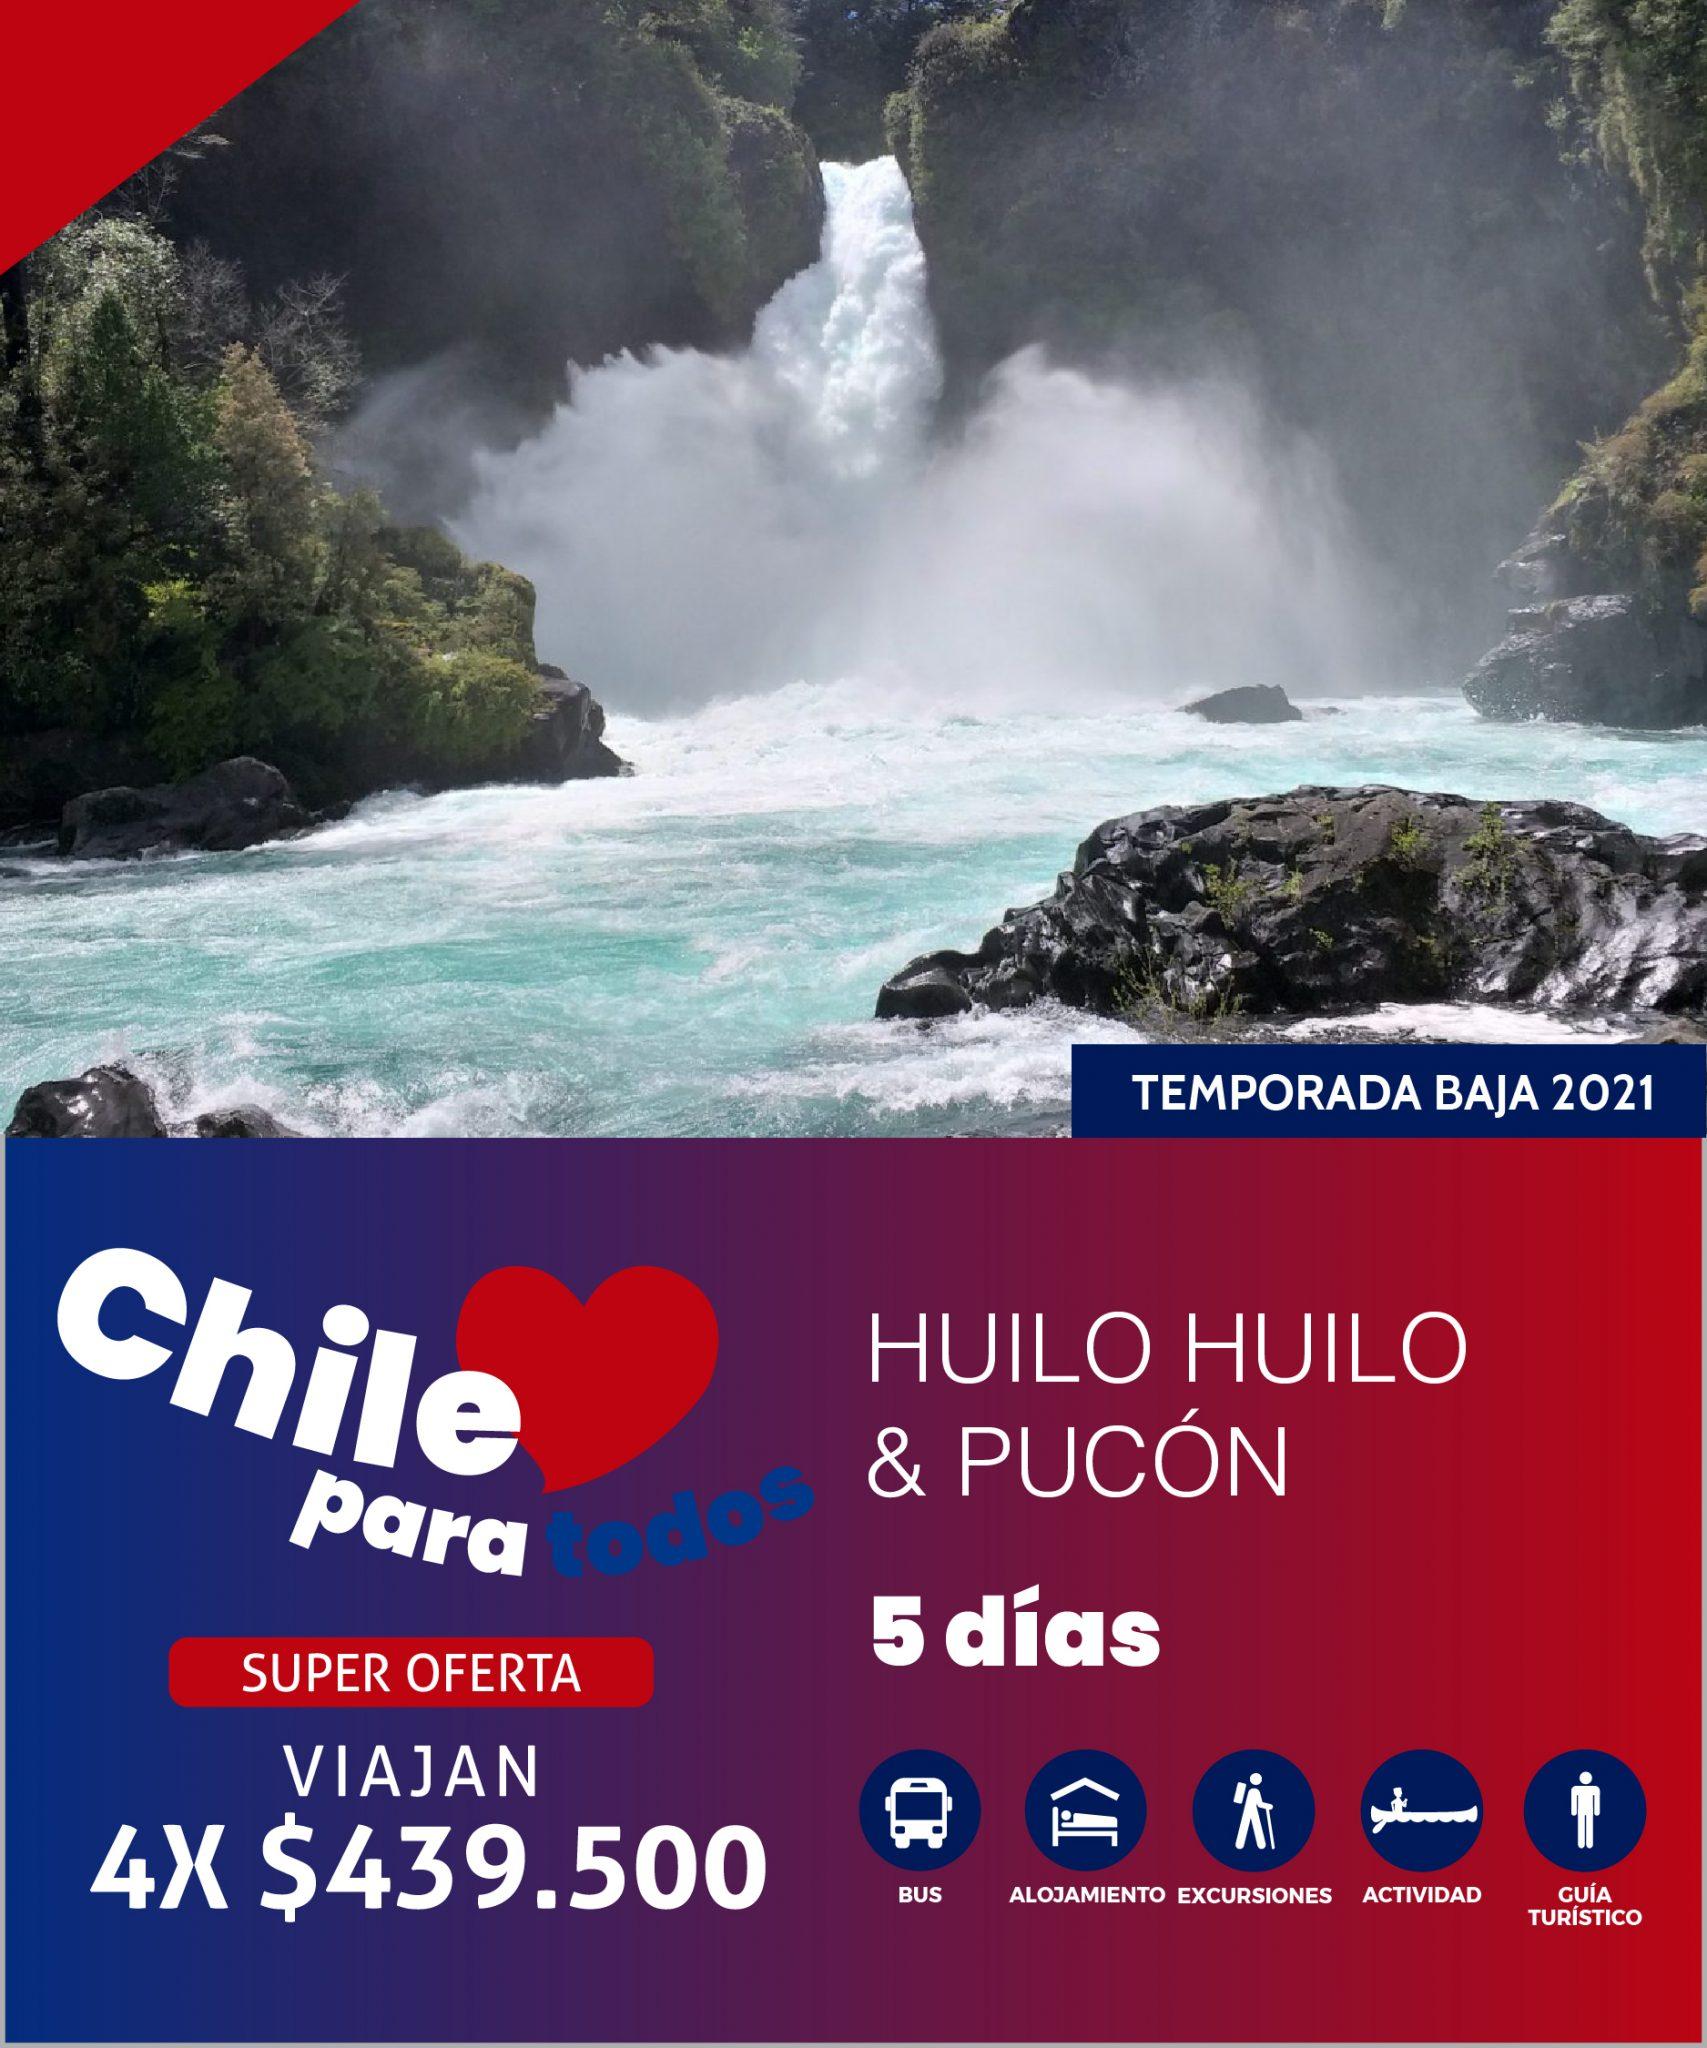 HUILO HUILO & PUCÓN